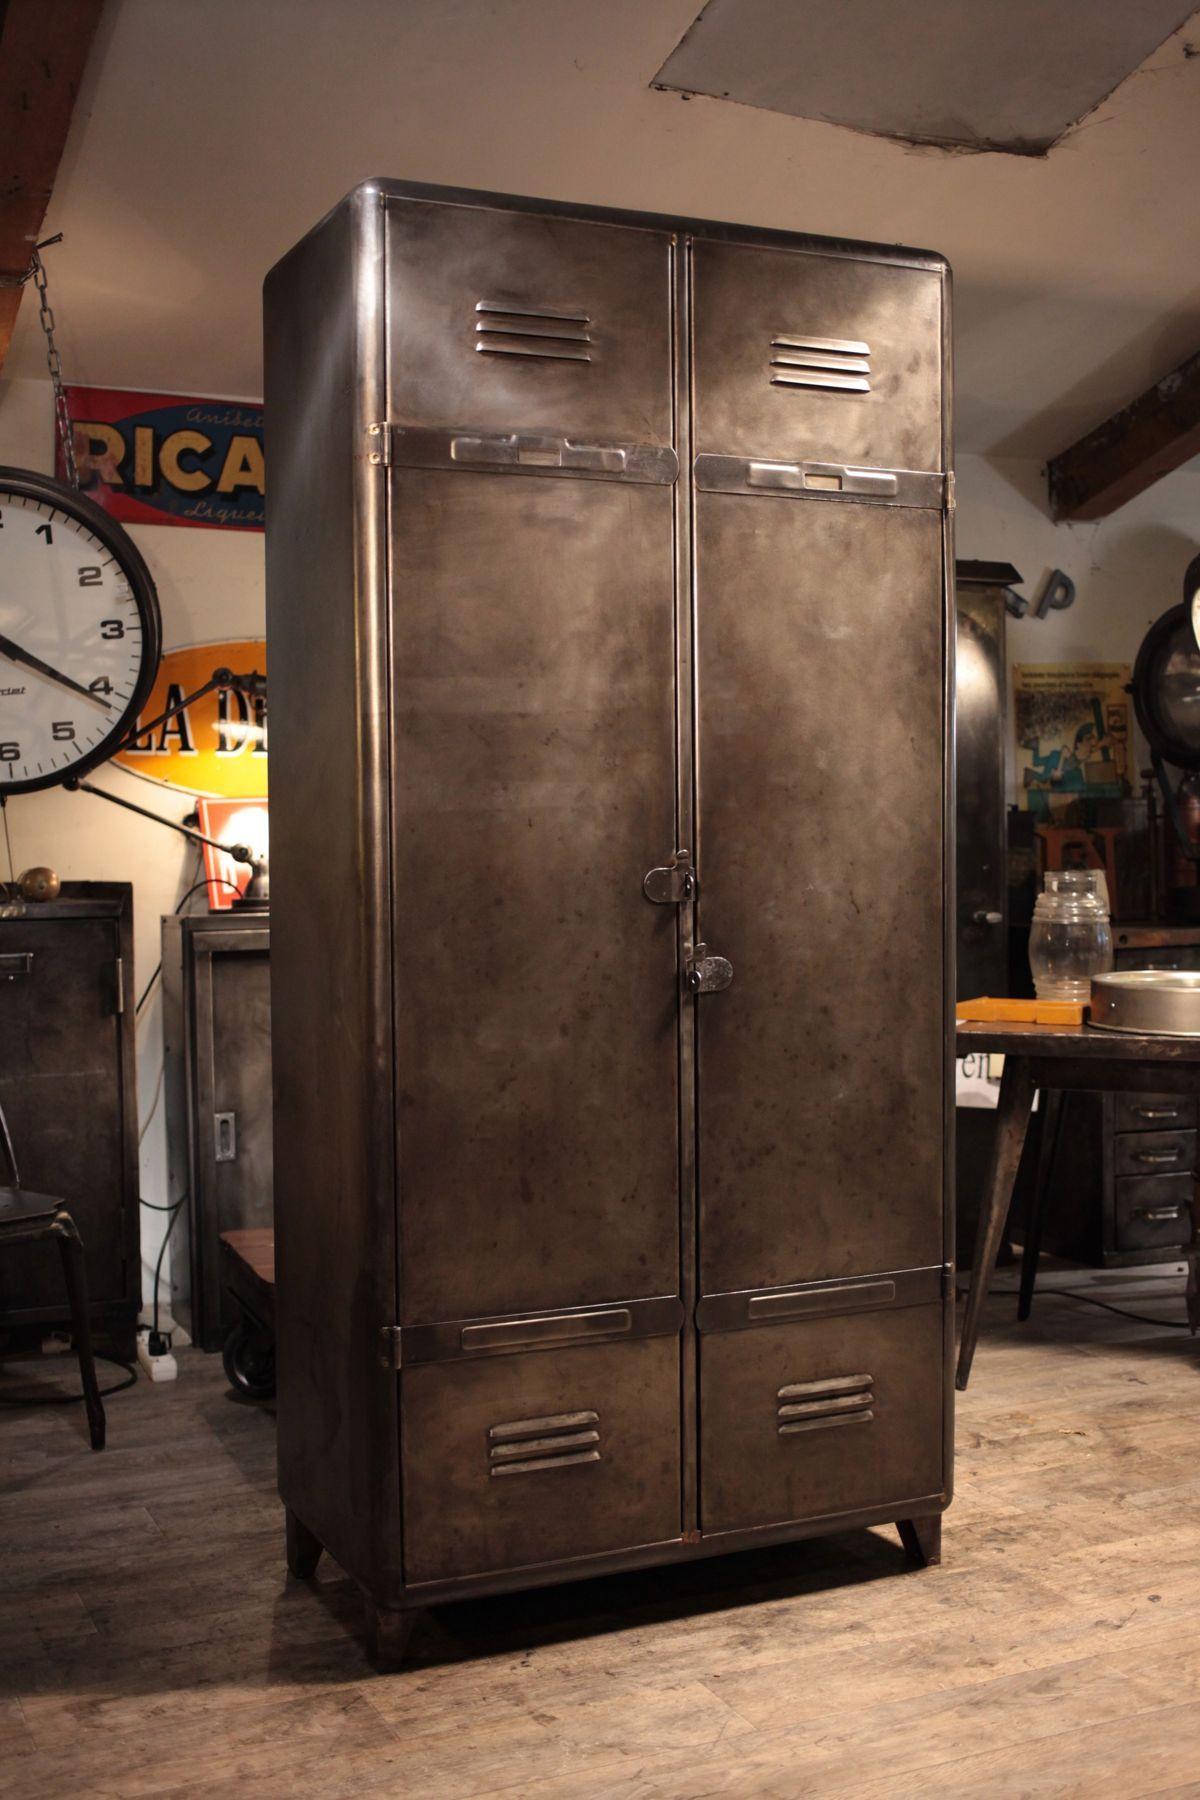 meuble industriel ancien vestiaire deco loft industrial lockers vintage industrial decor industrial style furniture